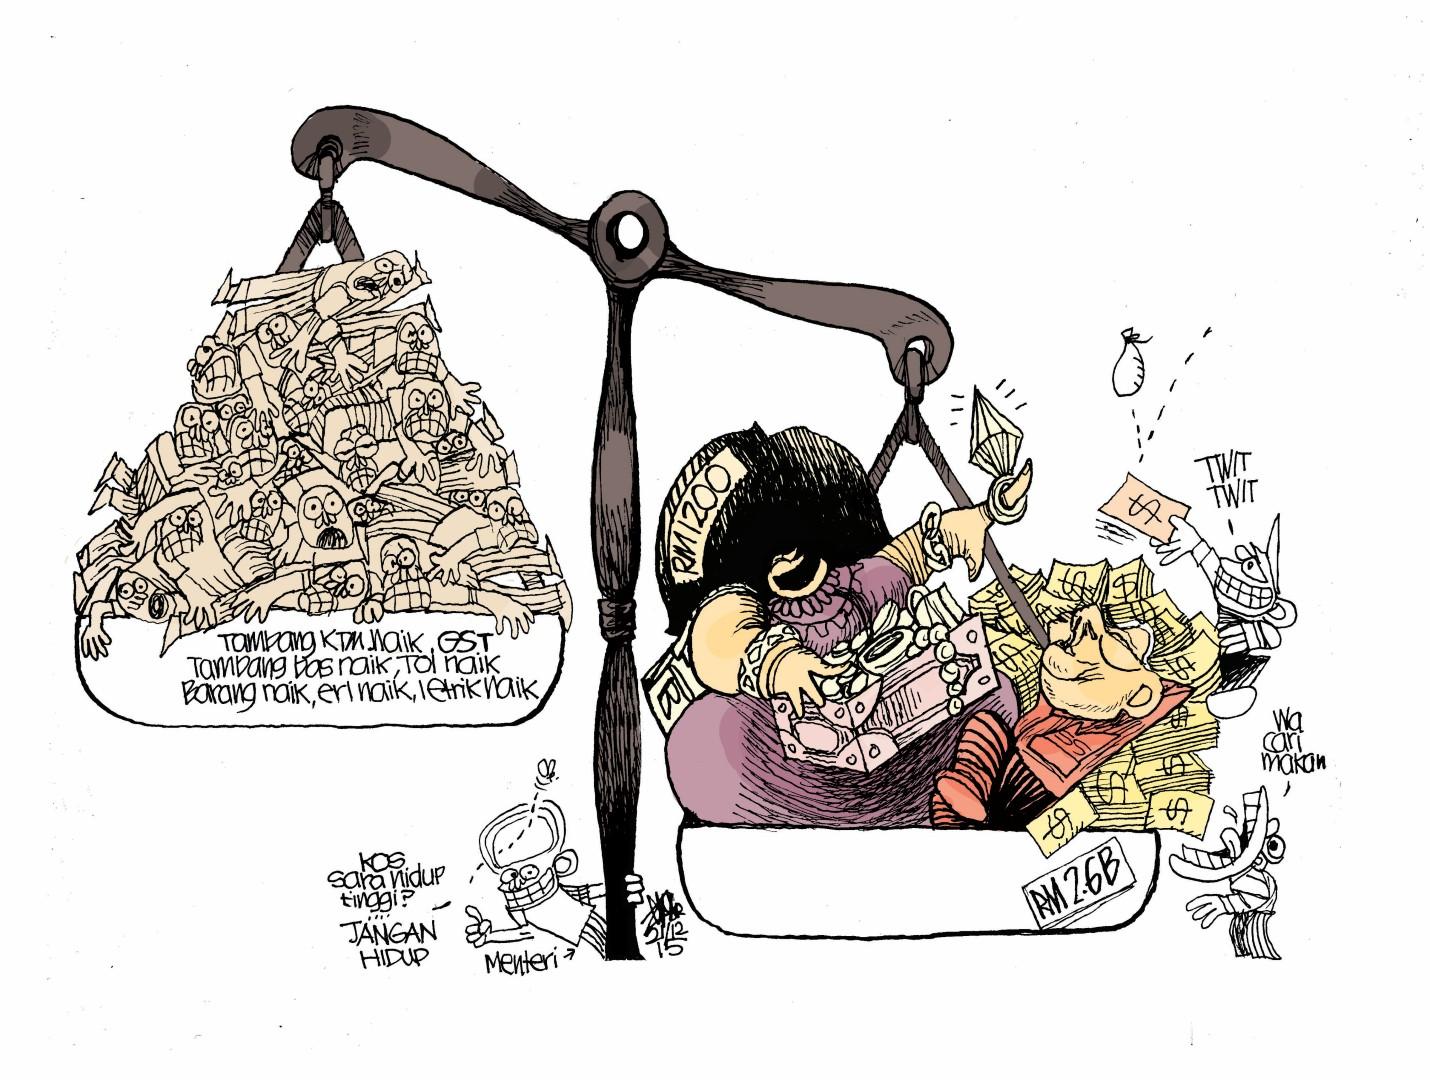 cartoonkini-sara-hidup-21-dis-2015